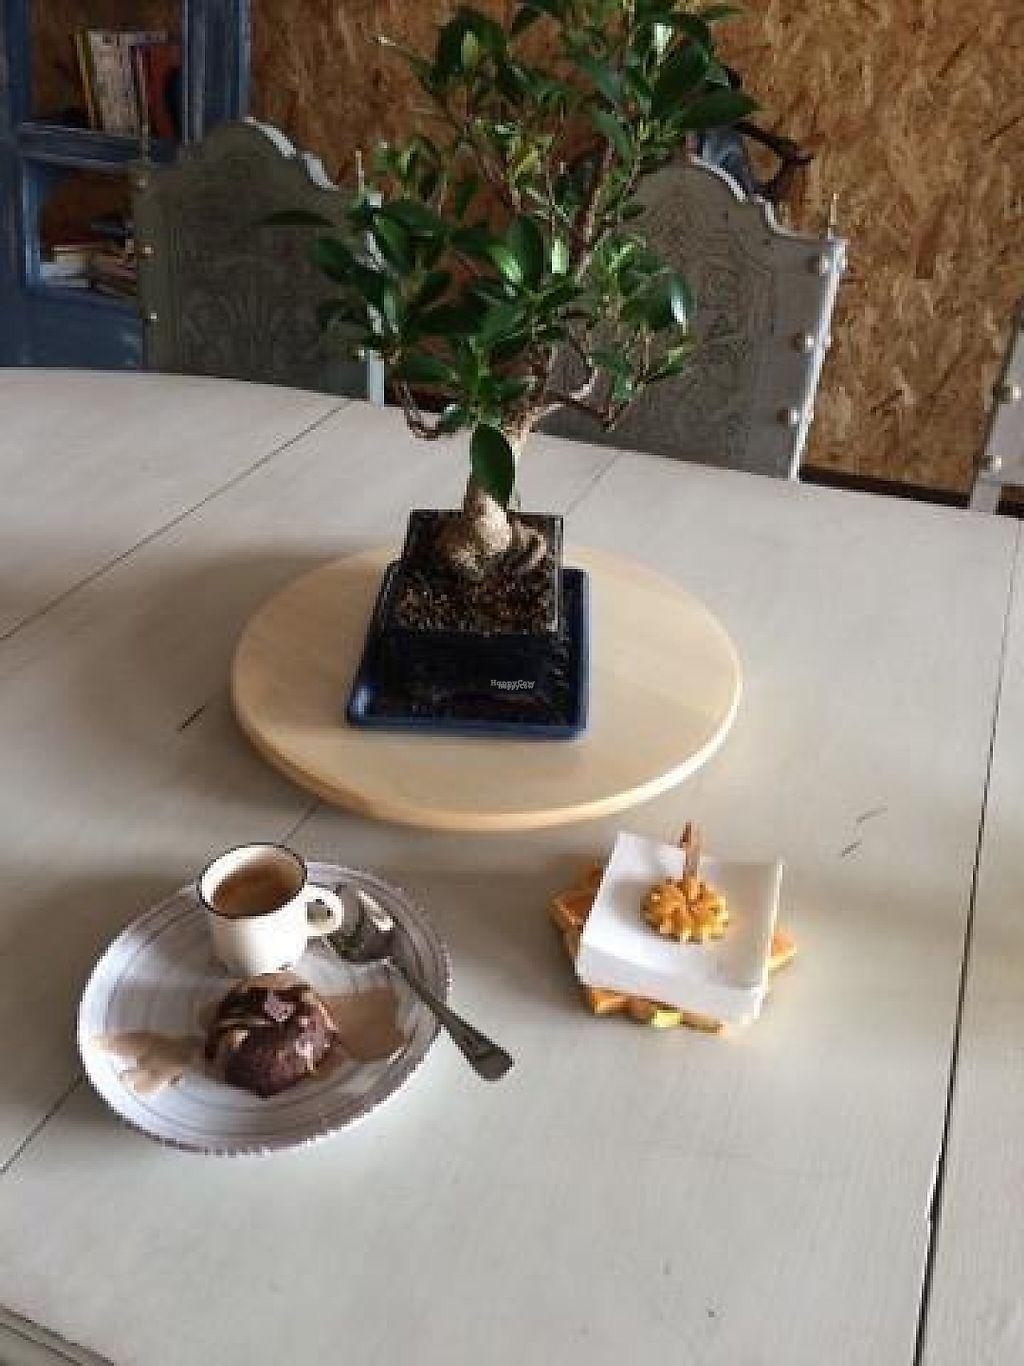 """Photo of Espaco Portal  by <a href=""""/members/profile/RUTE"""">RUTE</a> <br/>Café Biológico Destination Premium Brownie de chocolate e manteiga de amendoim  <br/> February 15, 2017  - <a href='/contact/abuse/image/87218/226909'>Report</a>"""